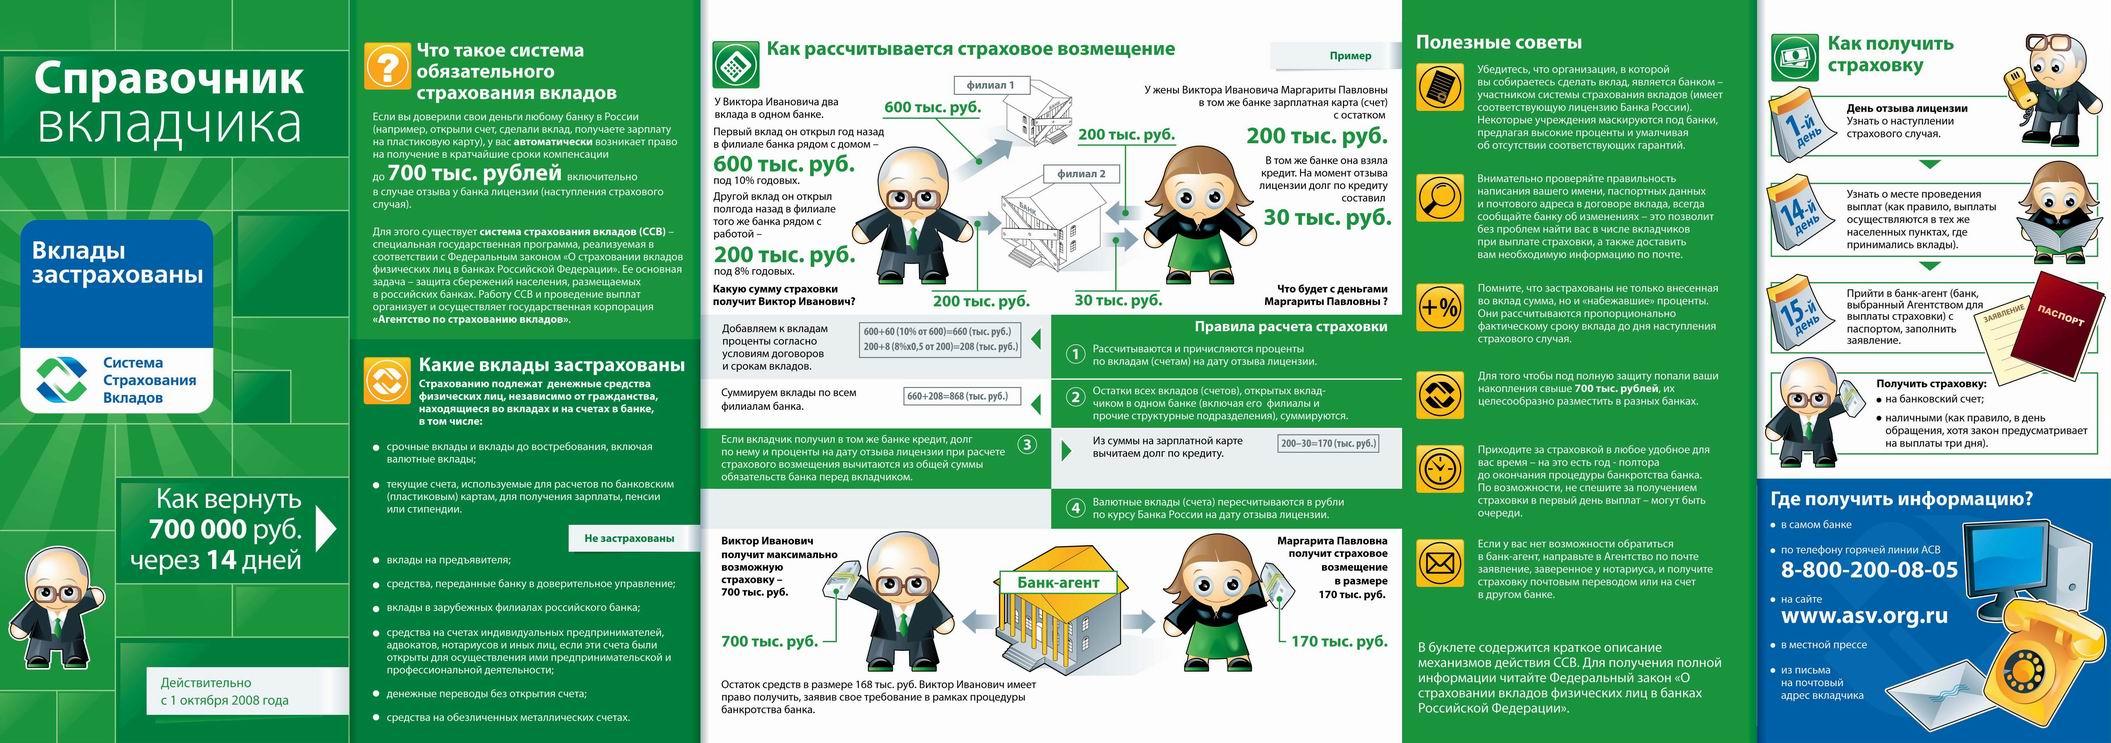 Система страхования вкладов физических лиц и расчет суммы возмещения